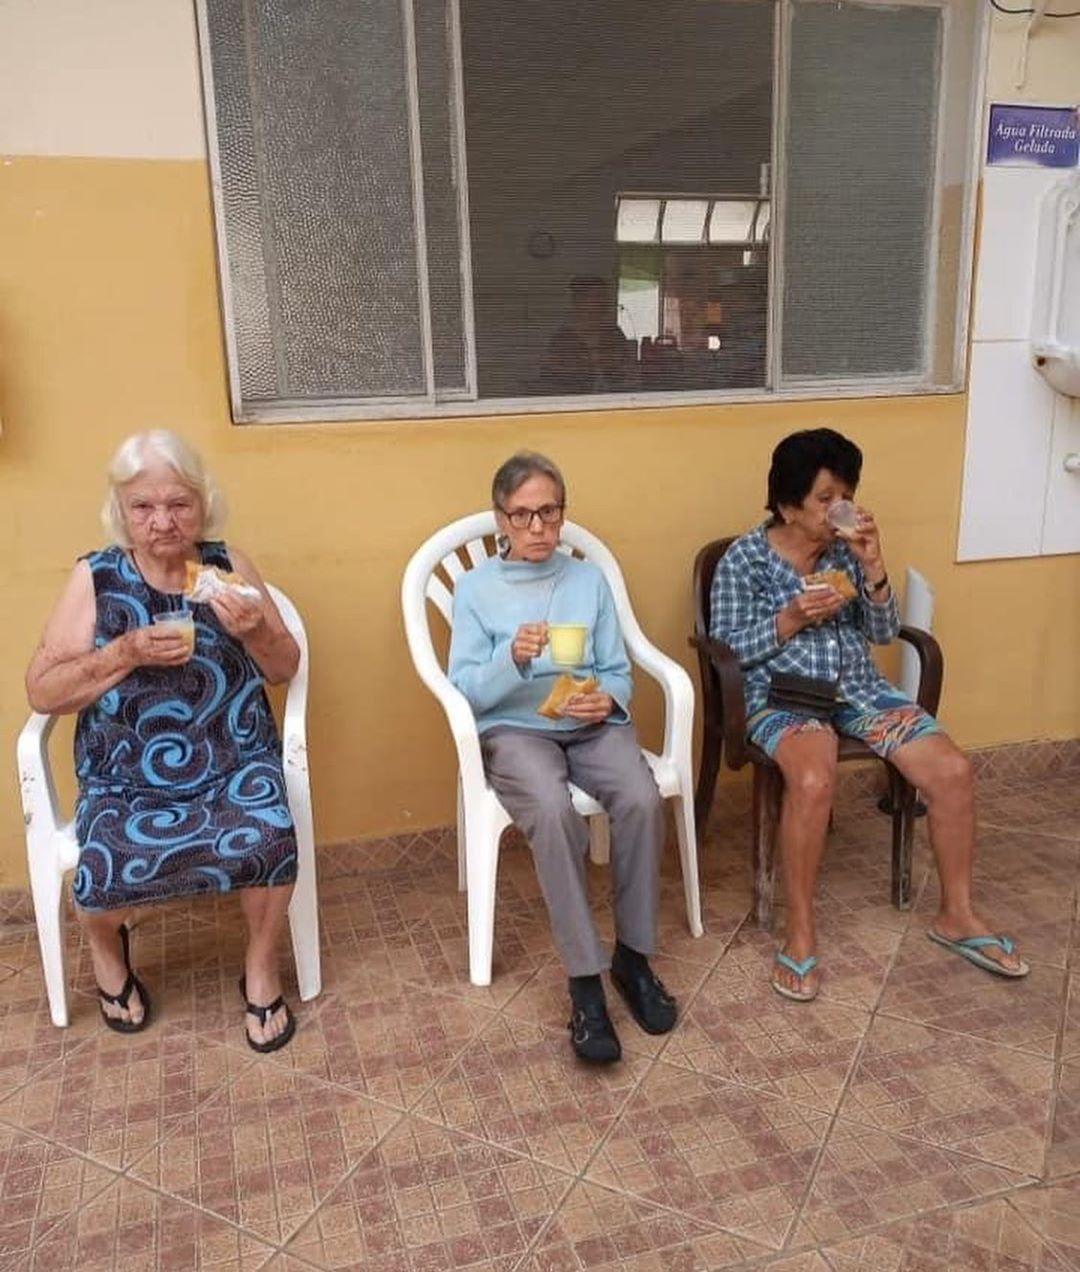 asilo recuperado após ação dos moradores em MG